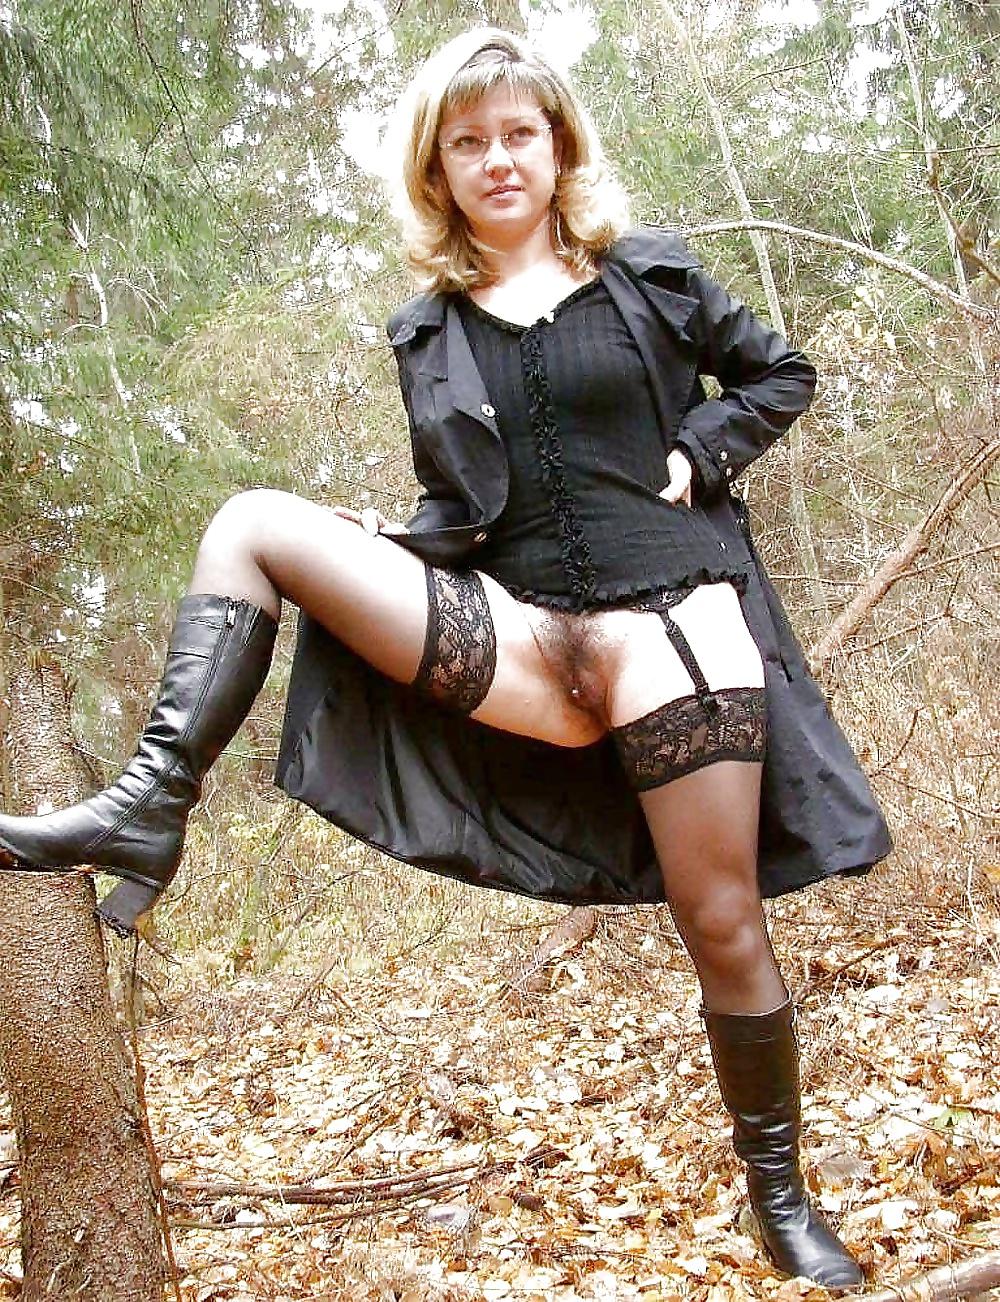 Русские женщины в длинных юбках частное порно фото, смотреть порно джулия тейлор на свежем воздухе